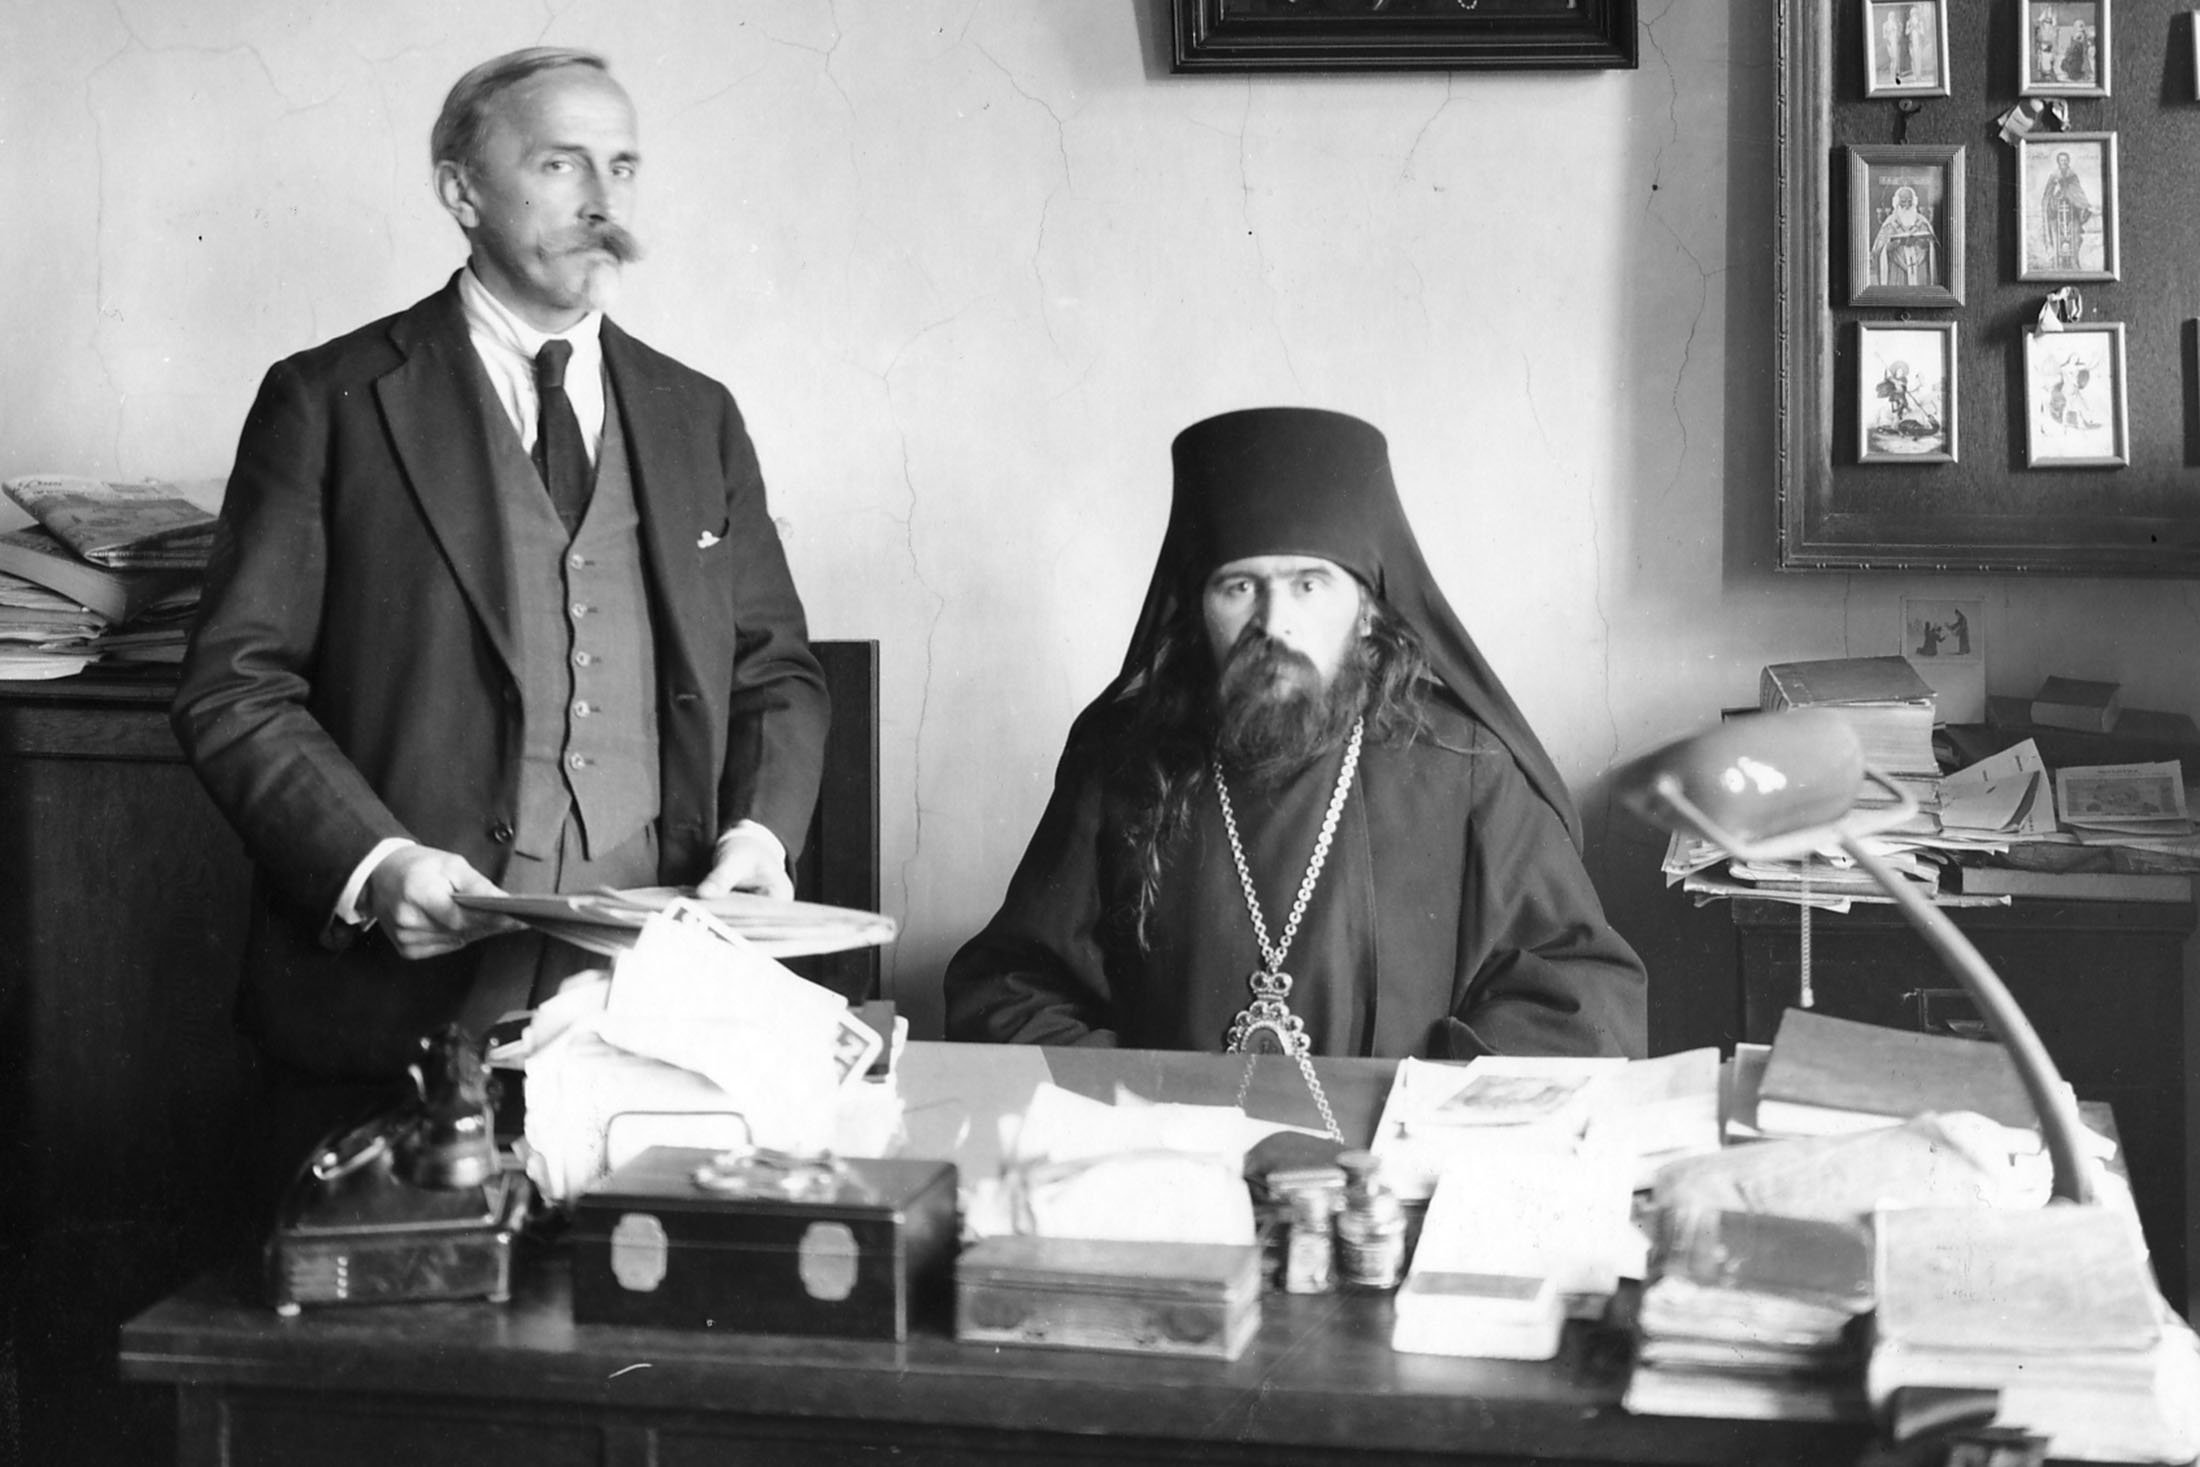 рекламных звездах фотография архиепископа иоанна шаховского доска краснодаре, купить